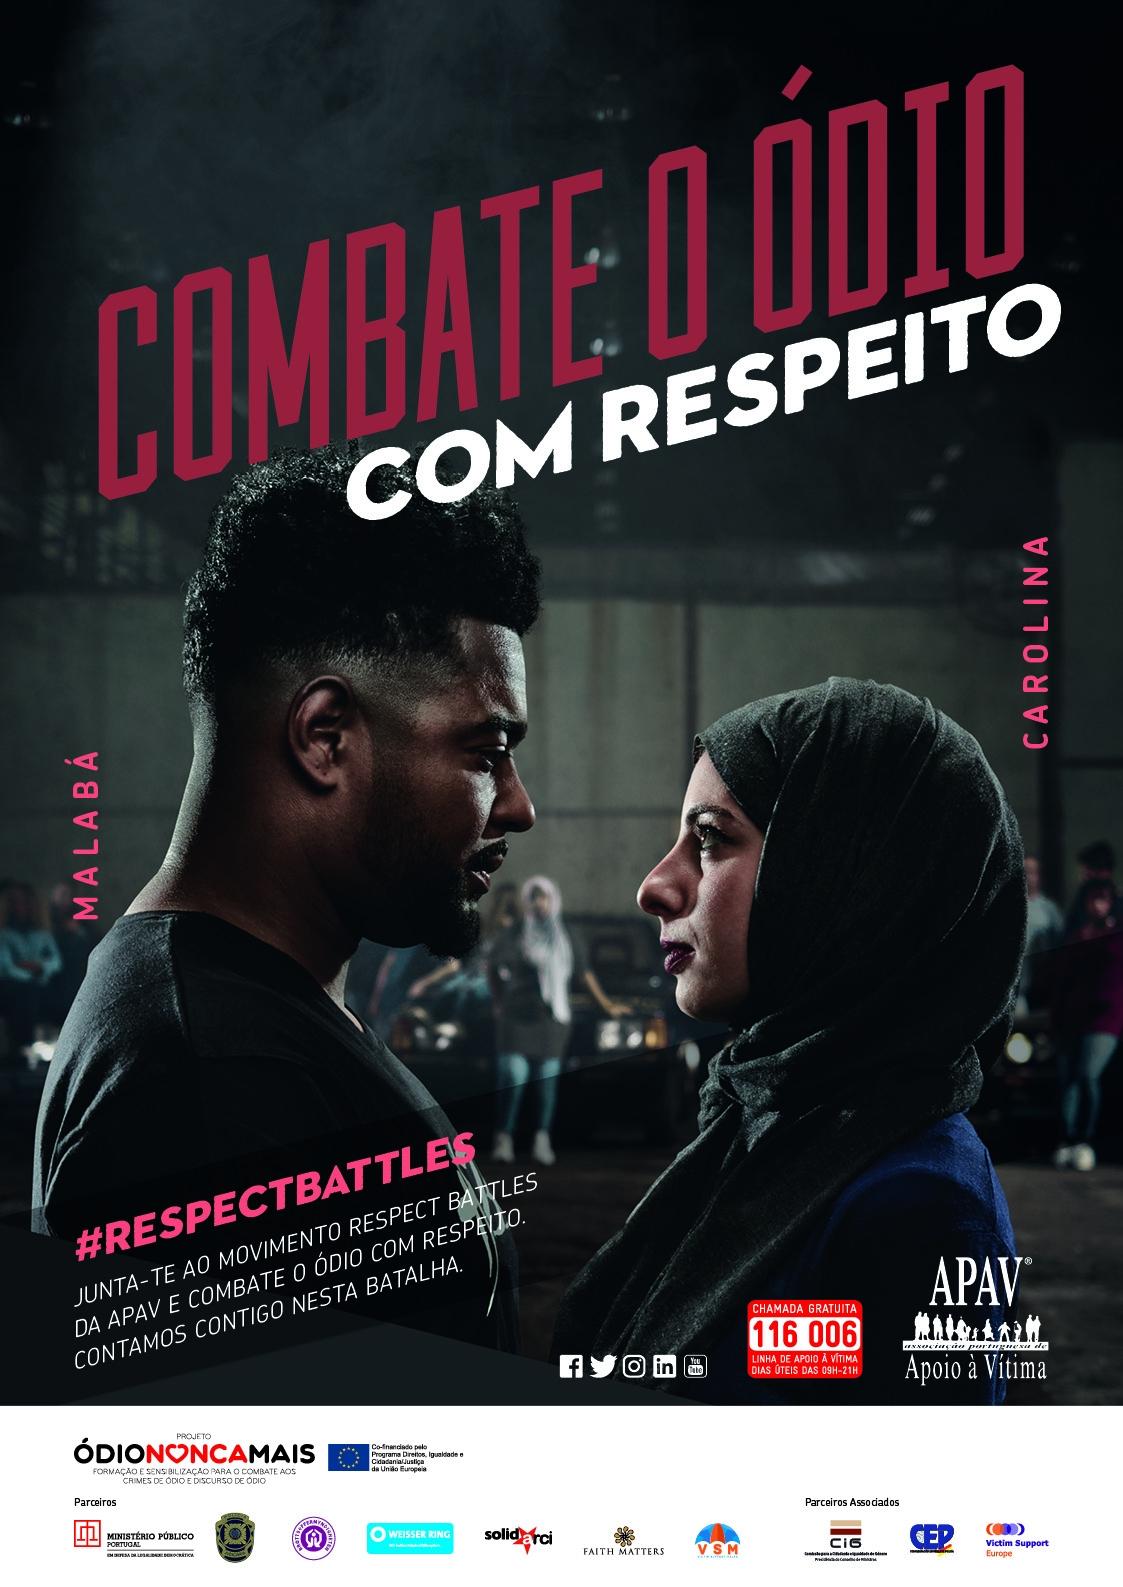 AF_respect-battles-malaba_A3_APAV_V4